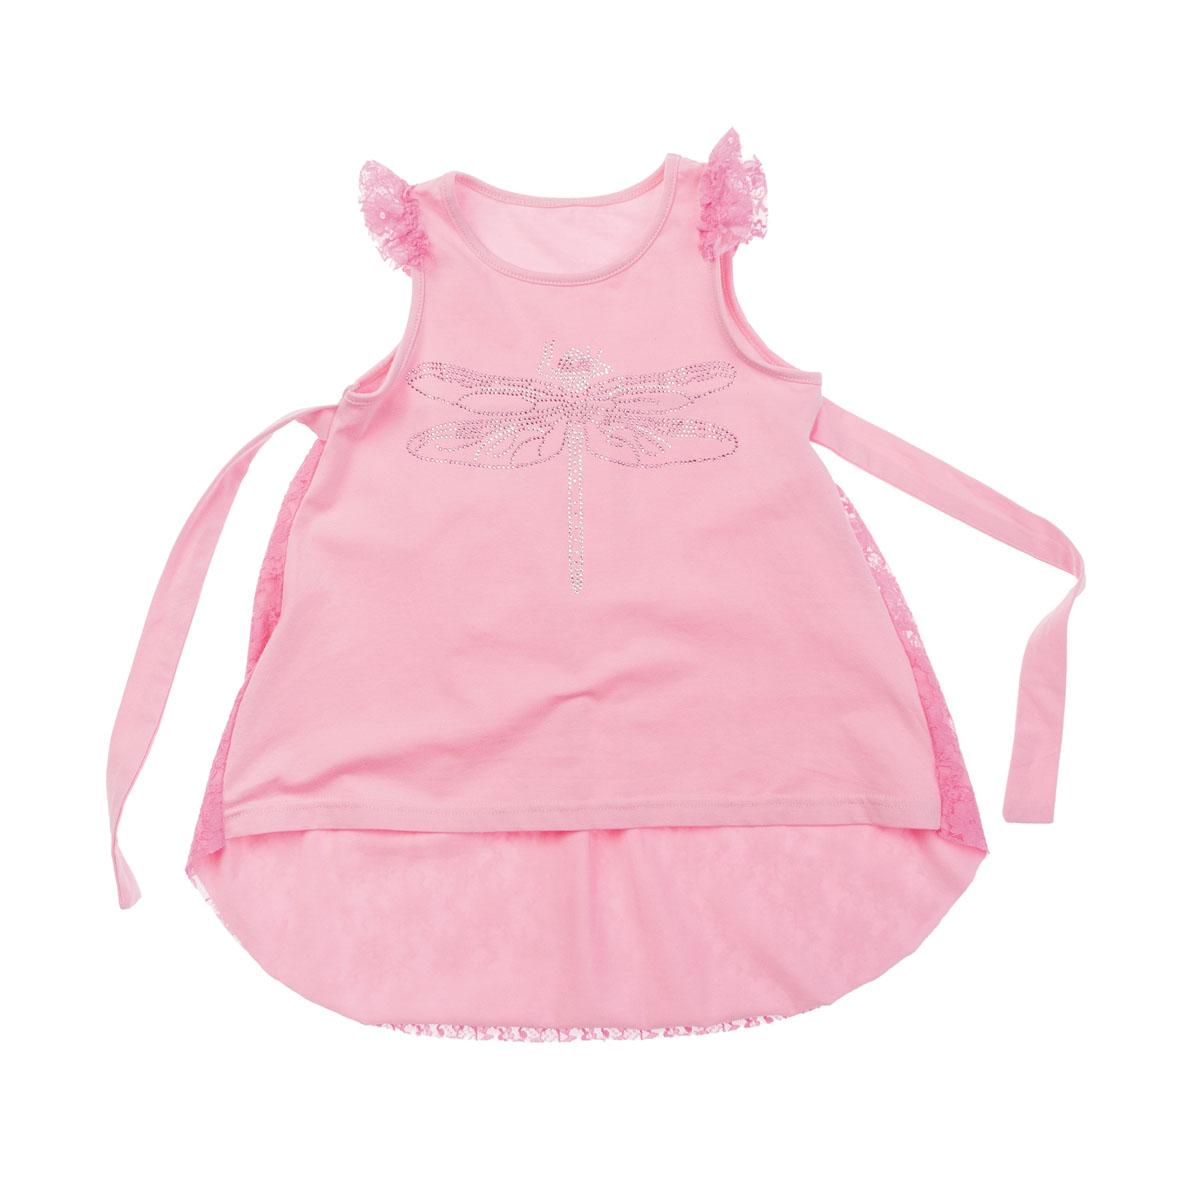 Топ для девочки. 262011262011Яркий топ для девочки PlayToday идеально подойдет вашей маленькой моднице. Изготовленный из эластичного хлопка, он необычайно мягкий и приятный на ощупь, не сковывает движения и позволяет коже дышать, не раздражает даже самую нежную и чувствительную кожу ребенка, обеспечивая ему наибольший комфорт. Топ трапециевидного кроя с круглым вырезом горловины и короткими рукавами-крылышками спереди декорирован аппликацией из страз в виде стрекозы. Вырез горловины дополнен эластичной трикотажной бейкой. Спинка модели, оформленная эффектом вытравки, удлинена и закруглена. По бокам имеются завязки. Современный дизайн и расцветка делают этот топ модным и стильным предметом детского гардероба. В нем ваша дочурка будет чувствовать себя уютно и комфортно и всегда будет в центре внимания!